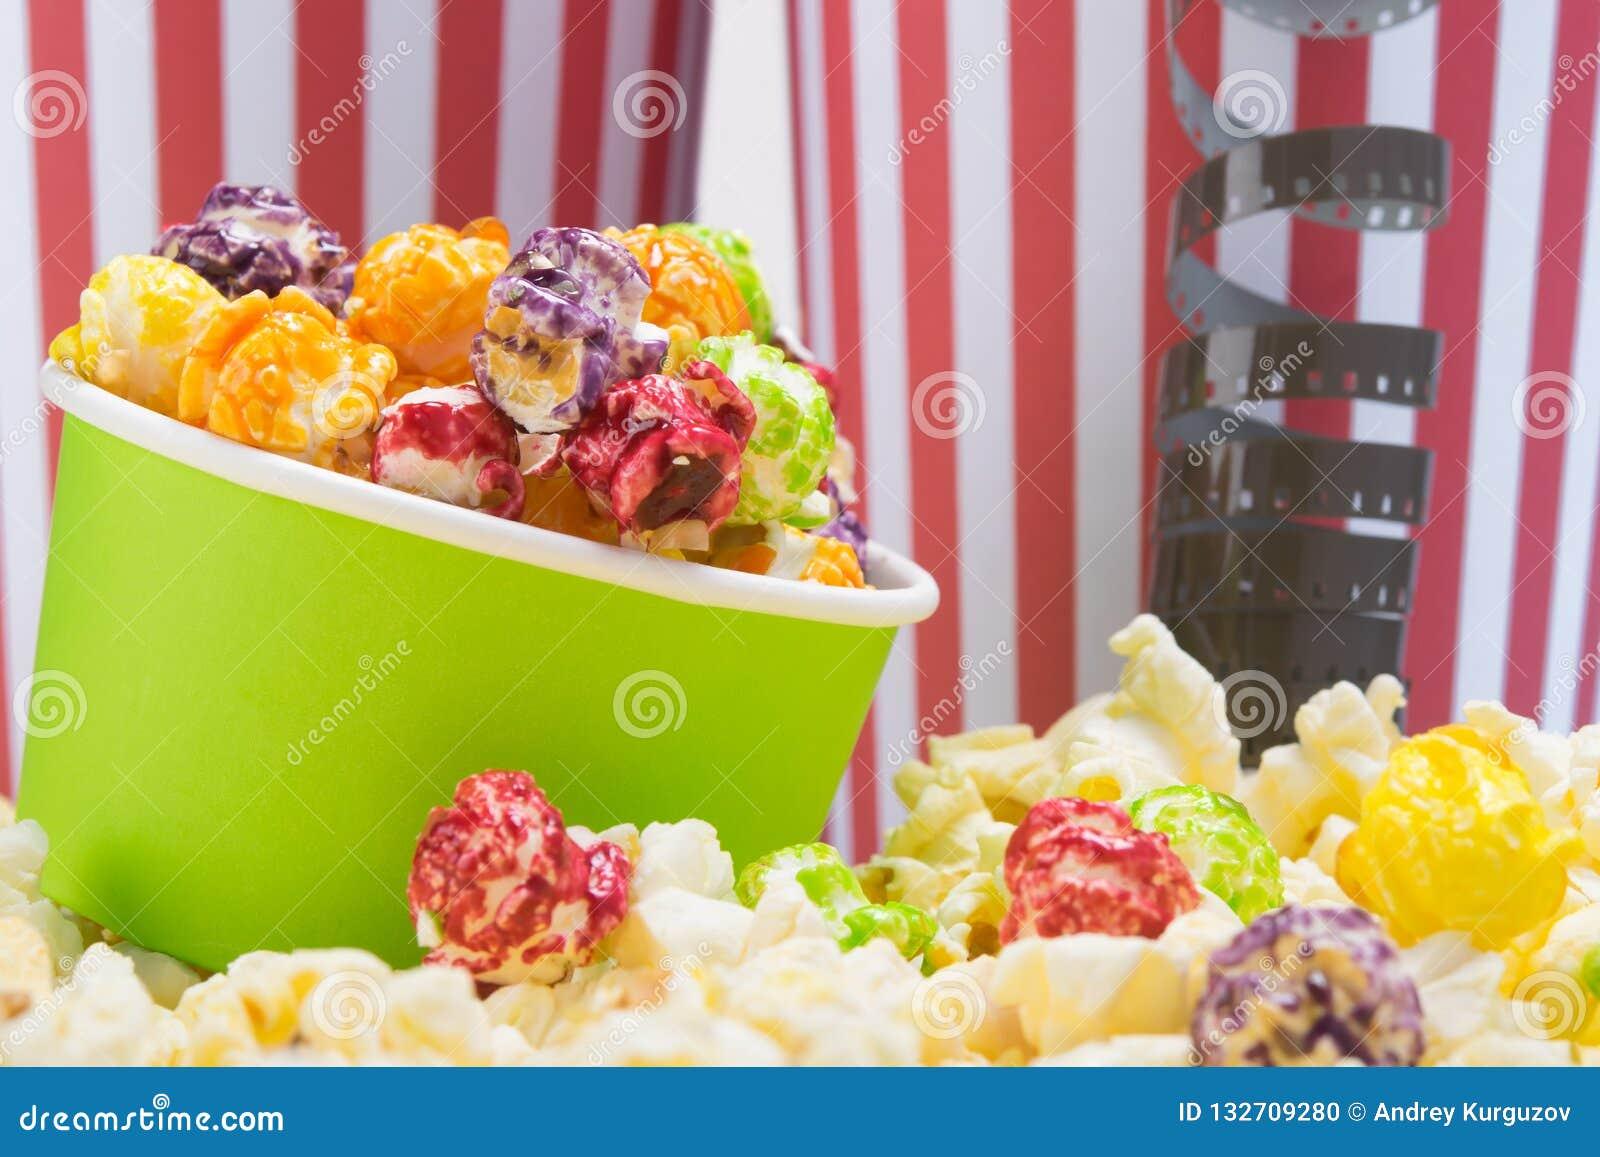 Στα πλαίσια των κόκκινων και άσπρων λωρίδα-γυαλιών, ζωηρόχρωμο popcorn, που περιβάλλεται από τα αλατισμένα σιτάρια